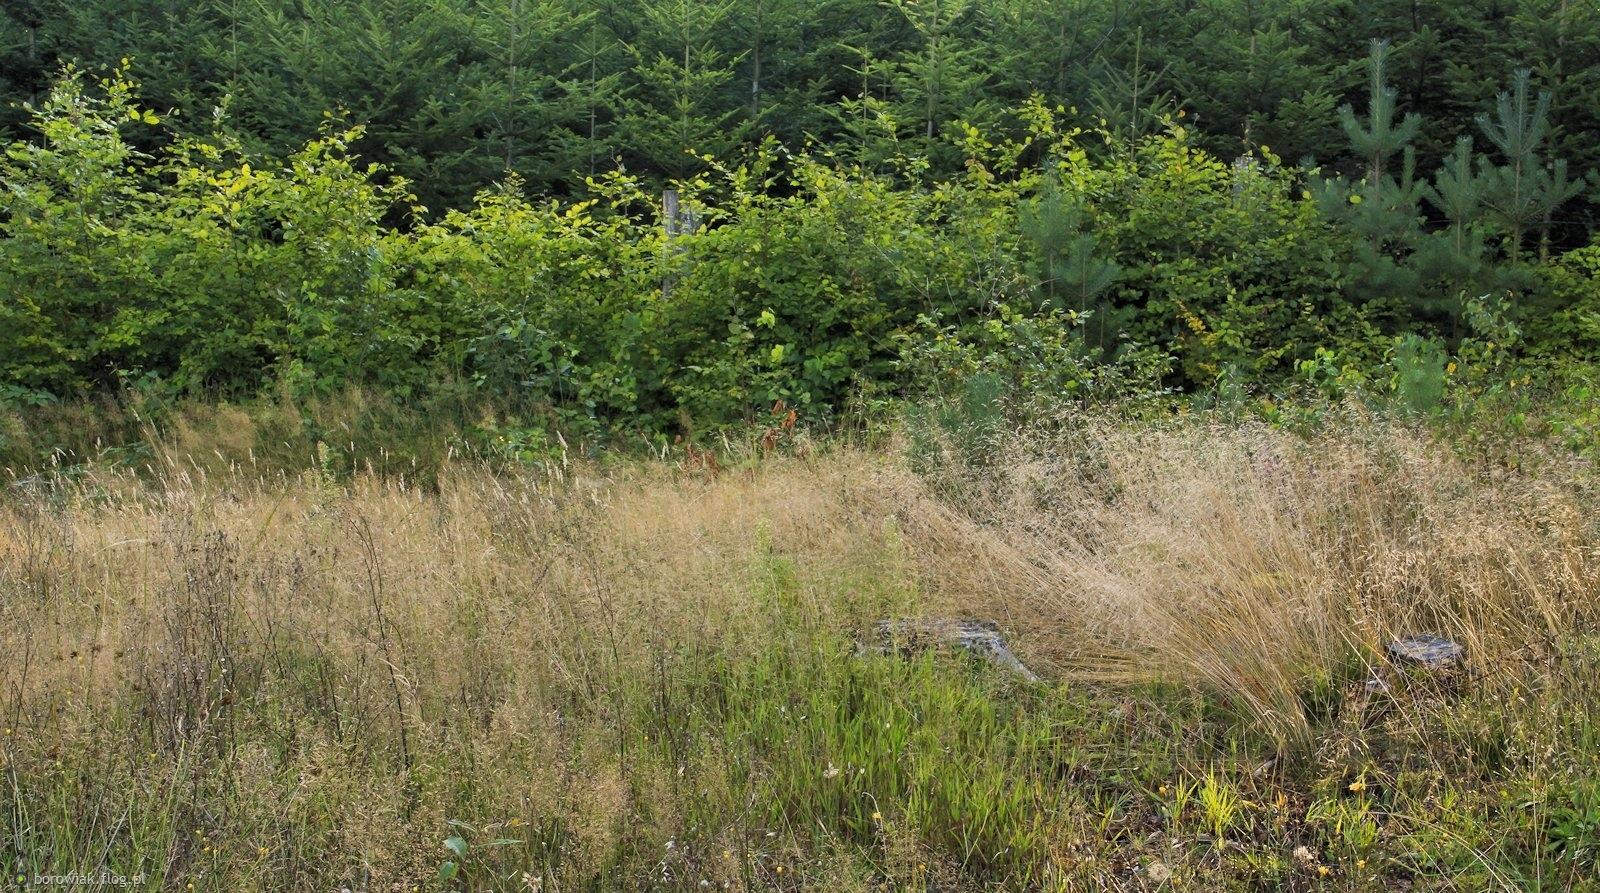 Trawy już suche, buki jeszcze zielone...